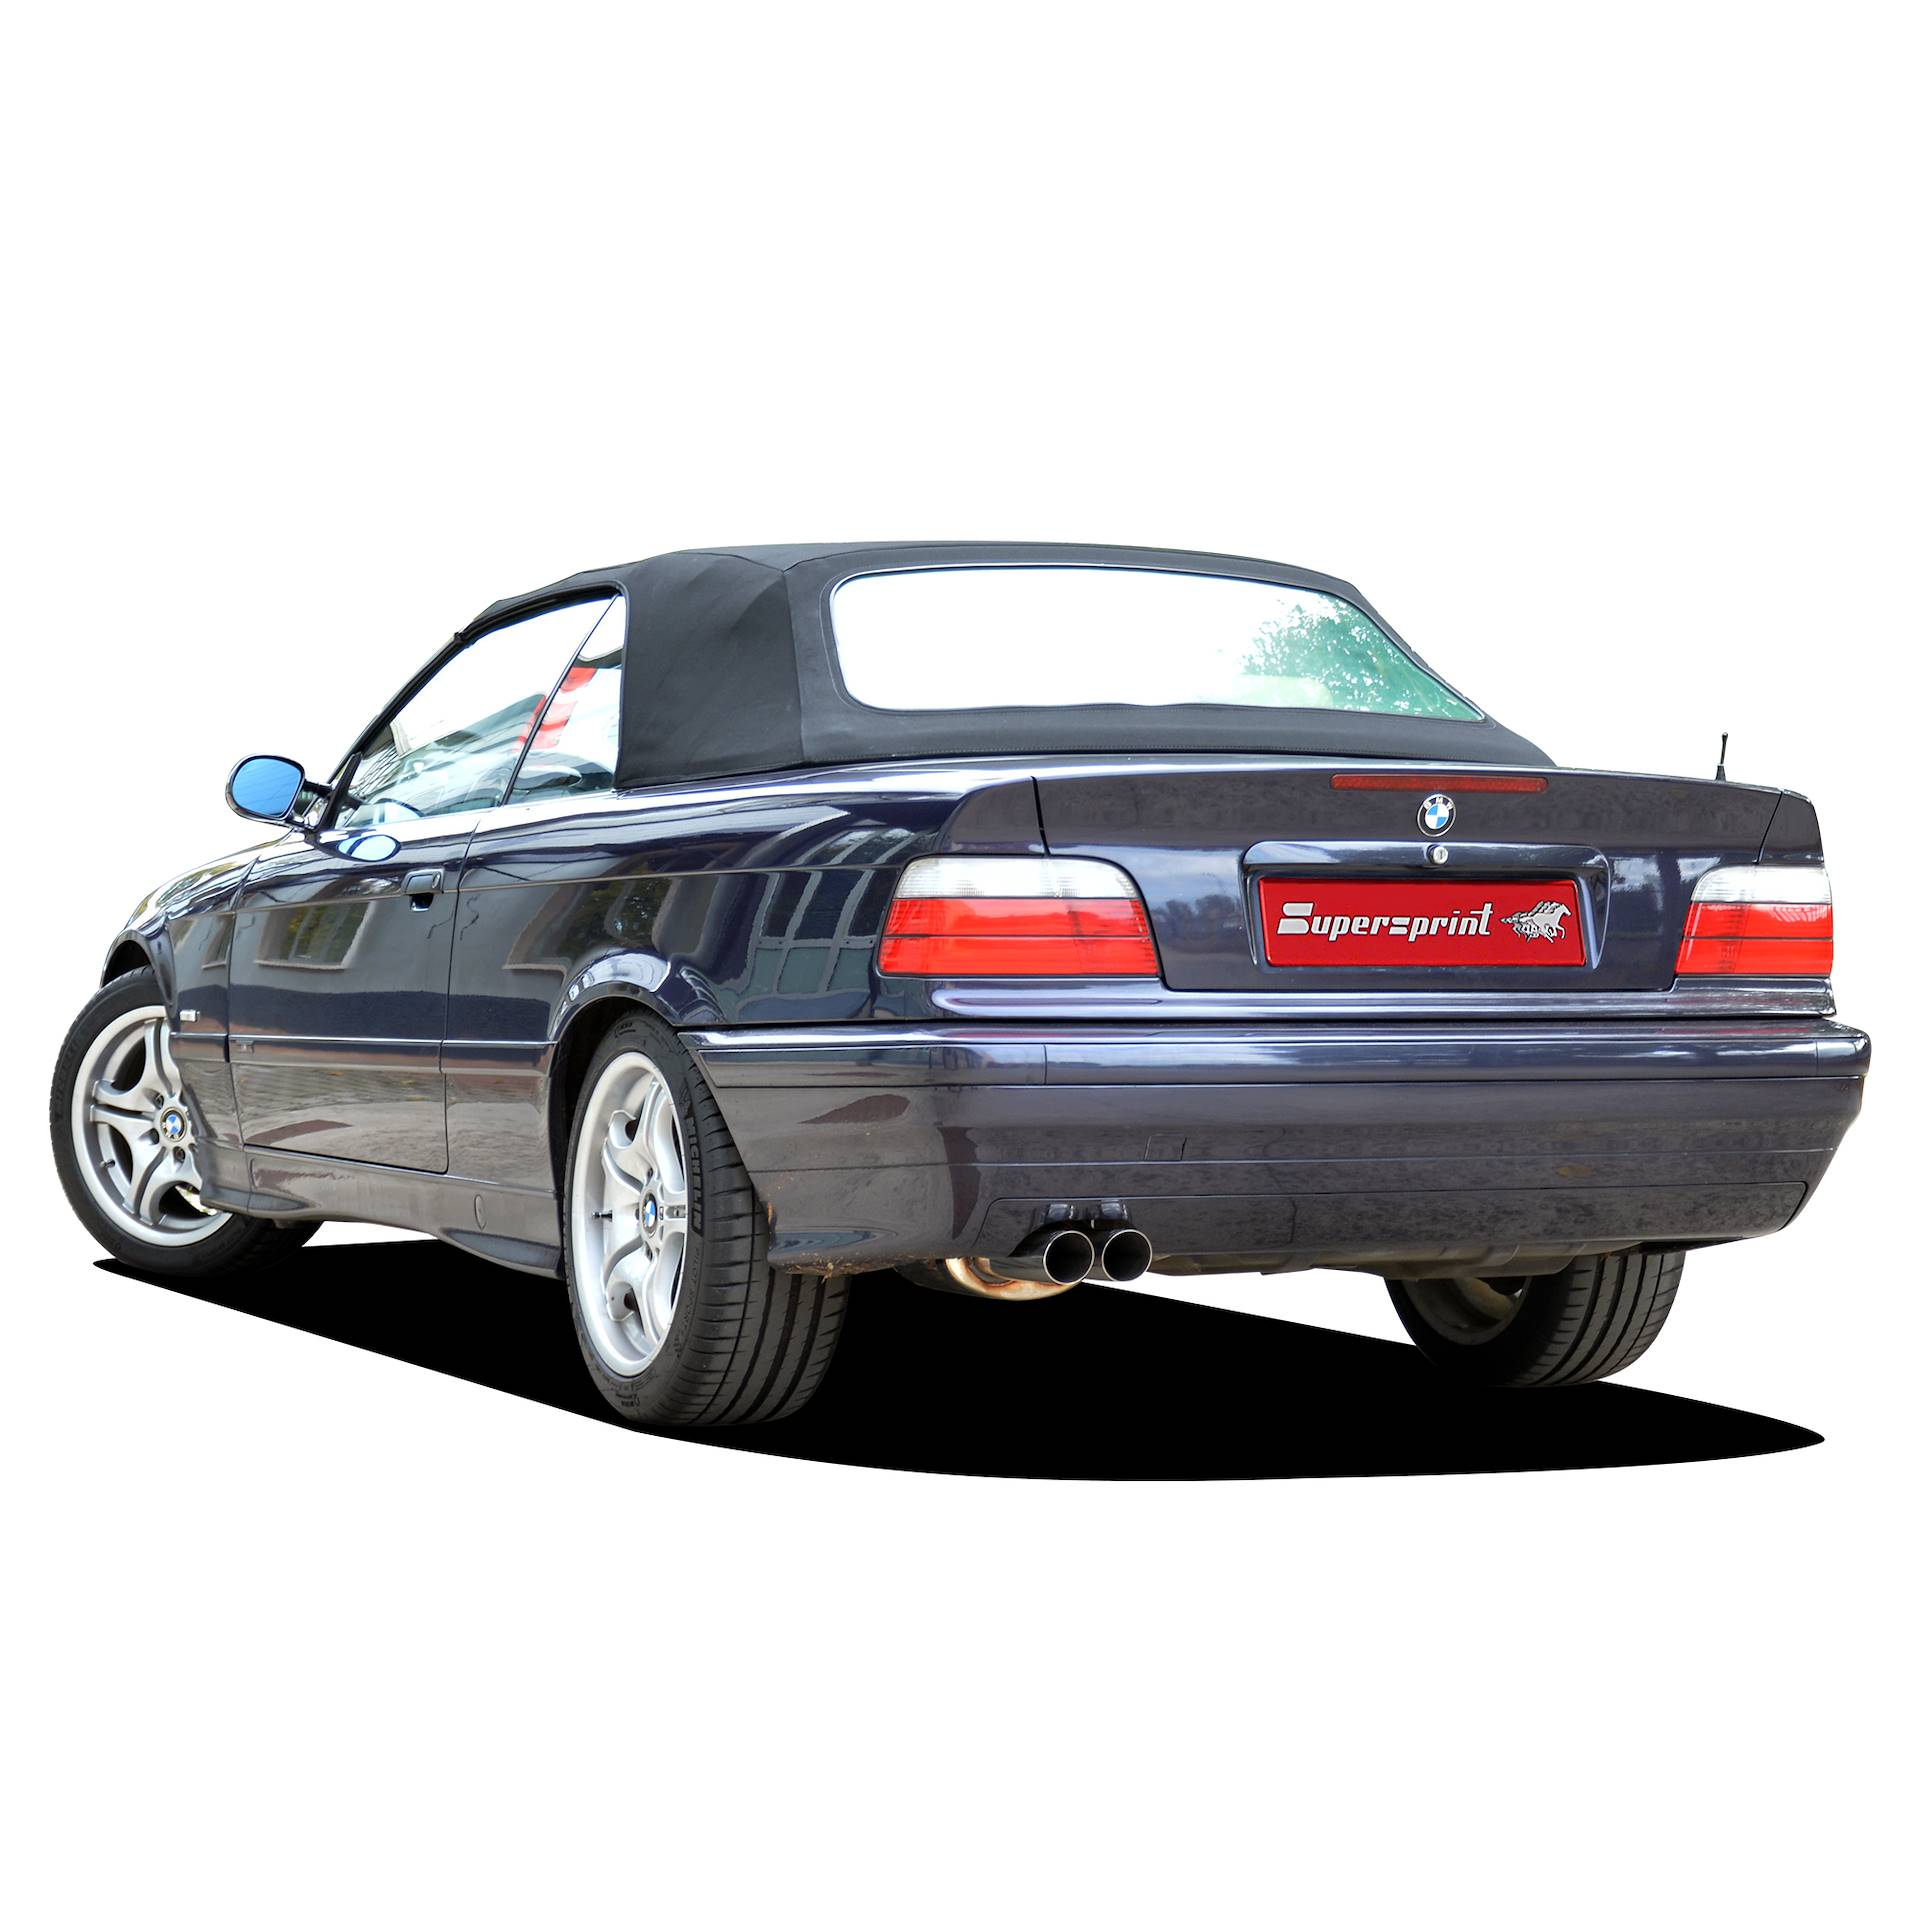 performance sport exhaust for 328i e36 bmw e36 328i 24v. Black Bedroom Furniture Sets. Home Design Ideas